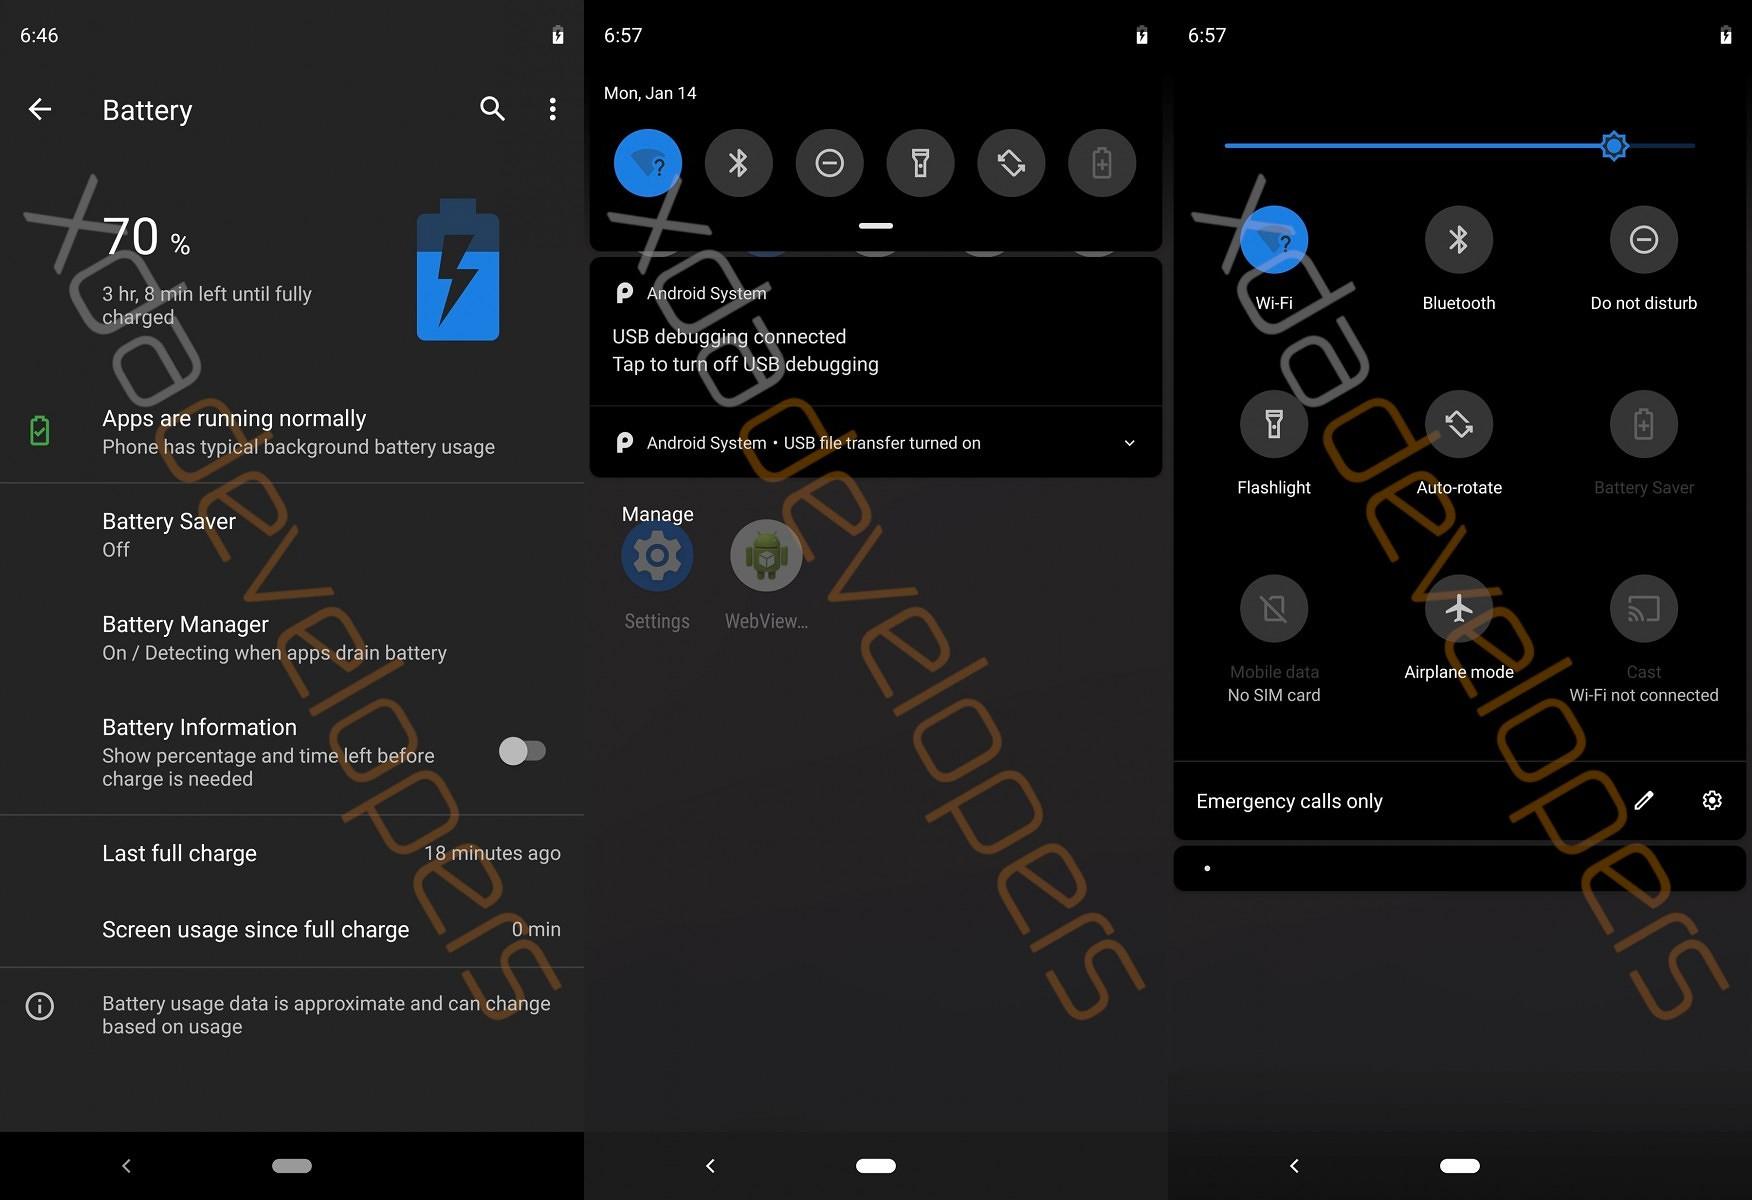 Альфа-версия андроид Q: темная тема, ПК-режим иконфиденциальность